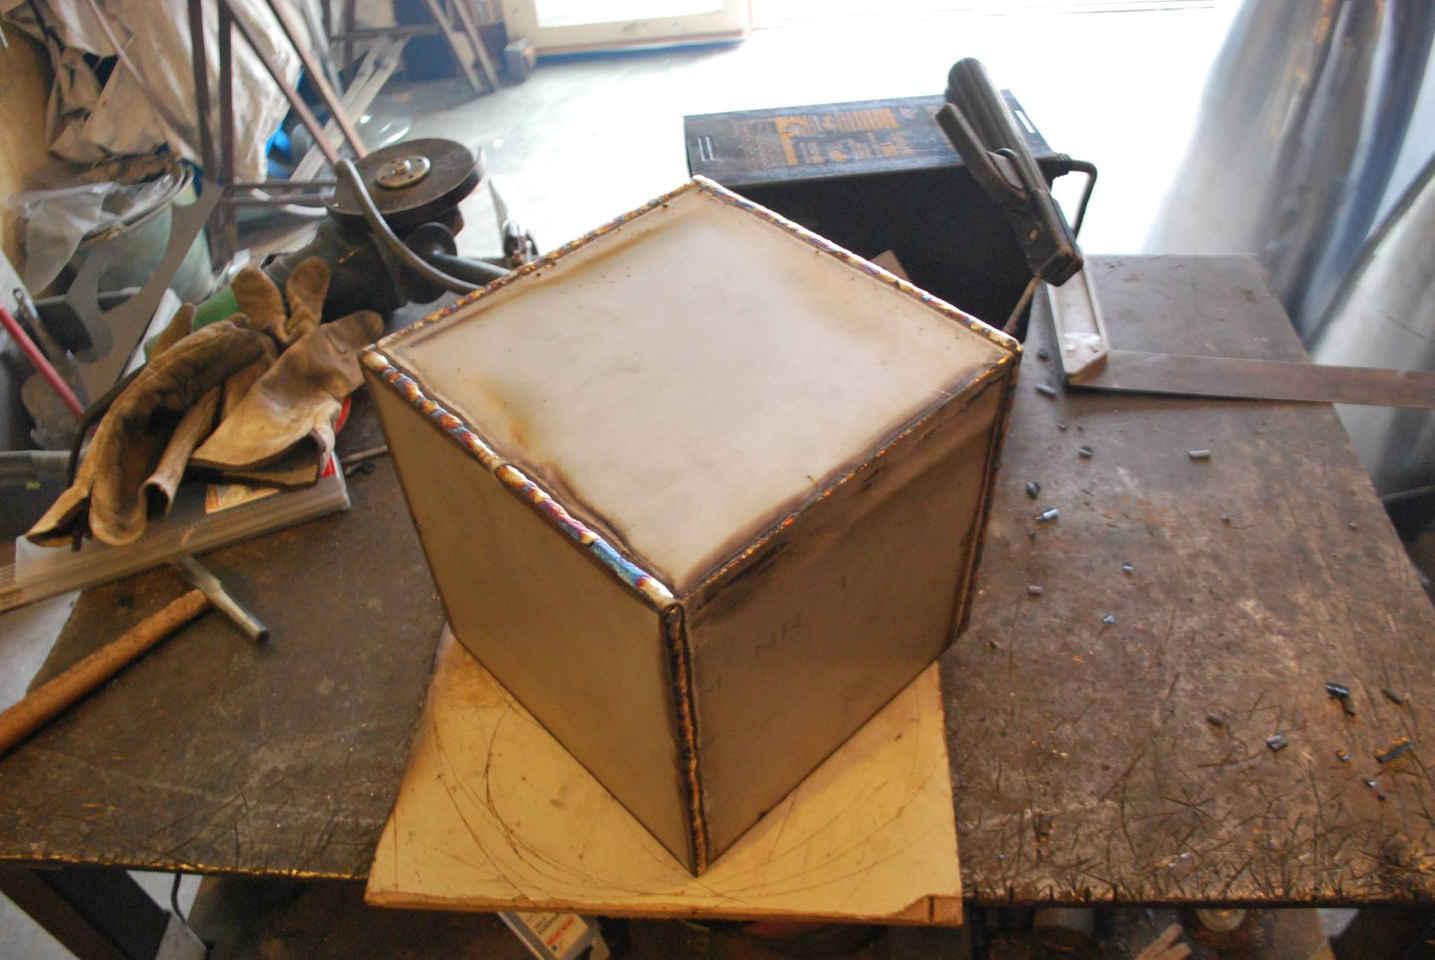 Felix-valdelievre-sculpture-soudure-cube-inox-pour-sculpture-corten